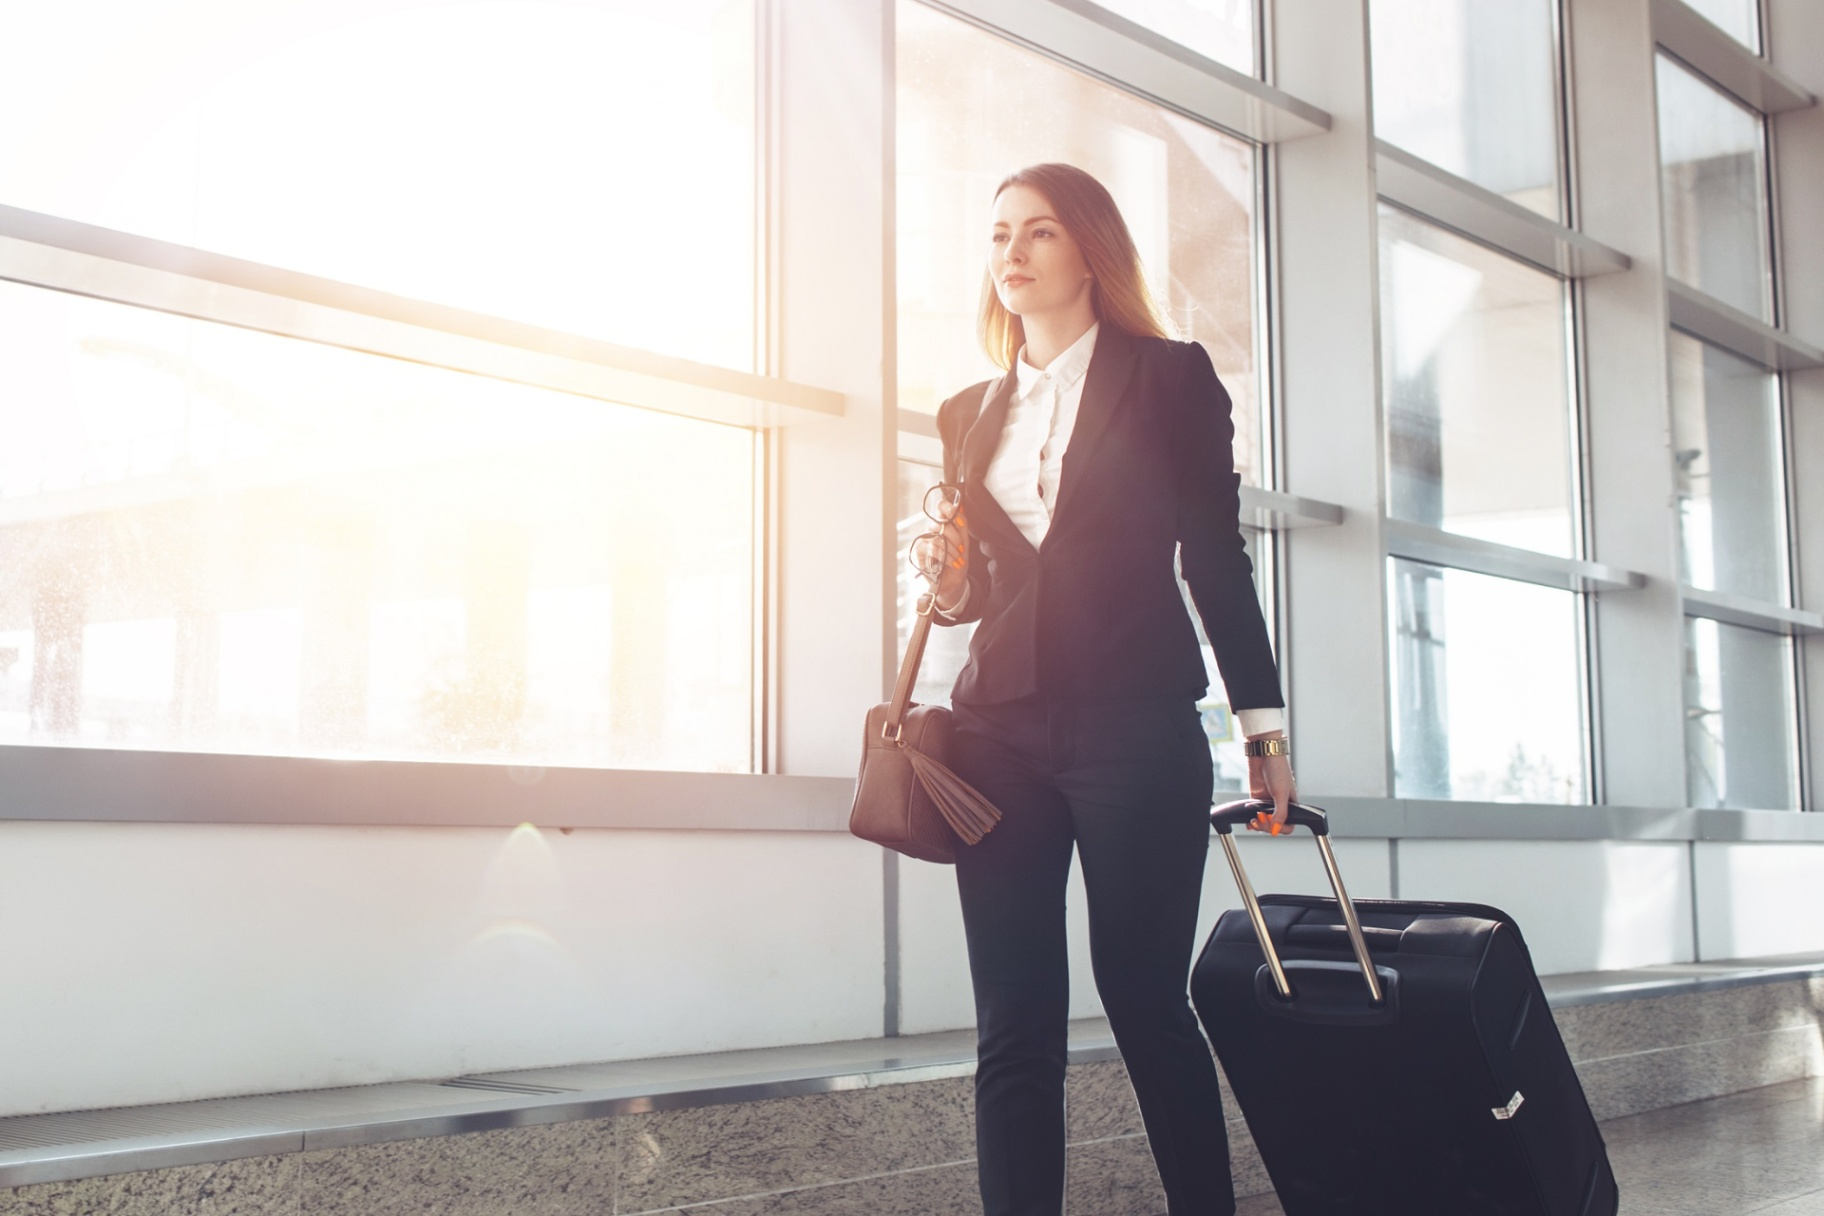 Os 10 melhores empregos para quem é fluente em inglês e quer ganhar dinheiro